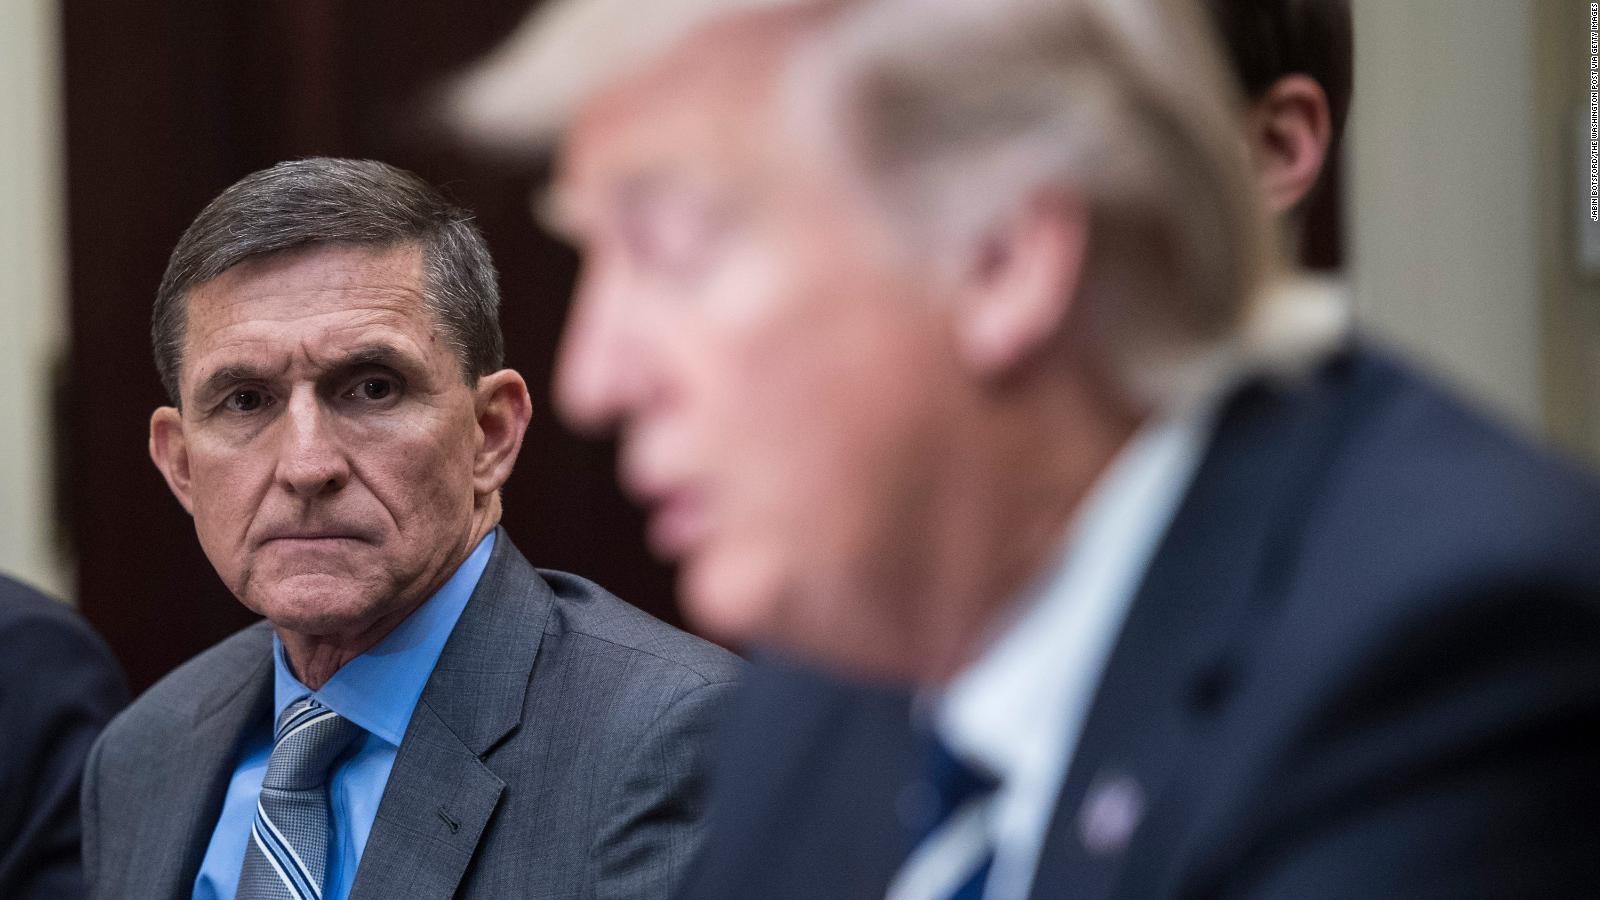 What Trump has said about Michael Flynn - CNN Video